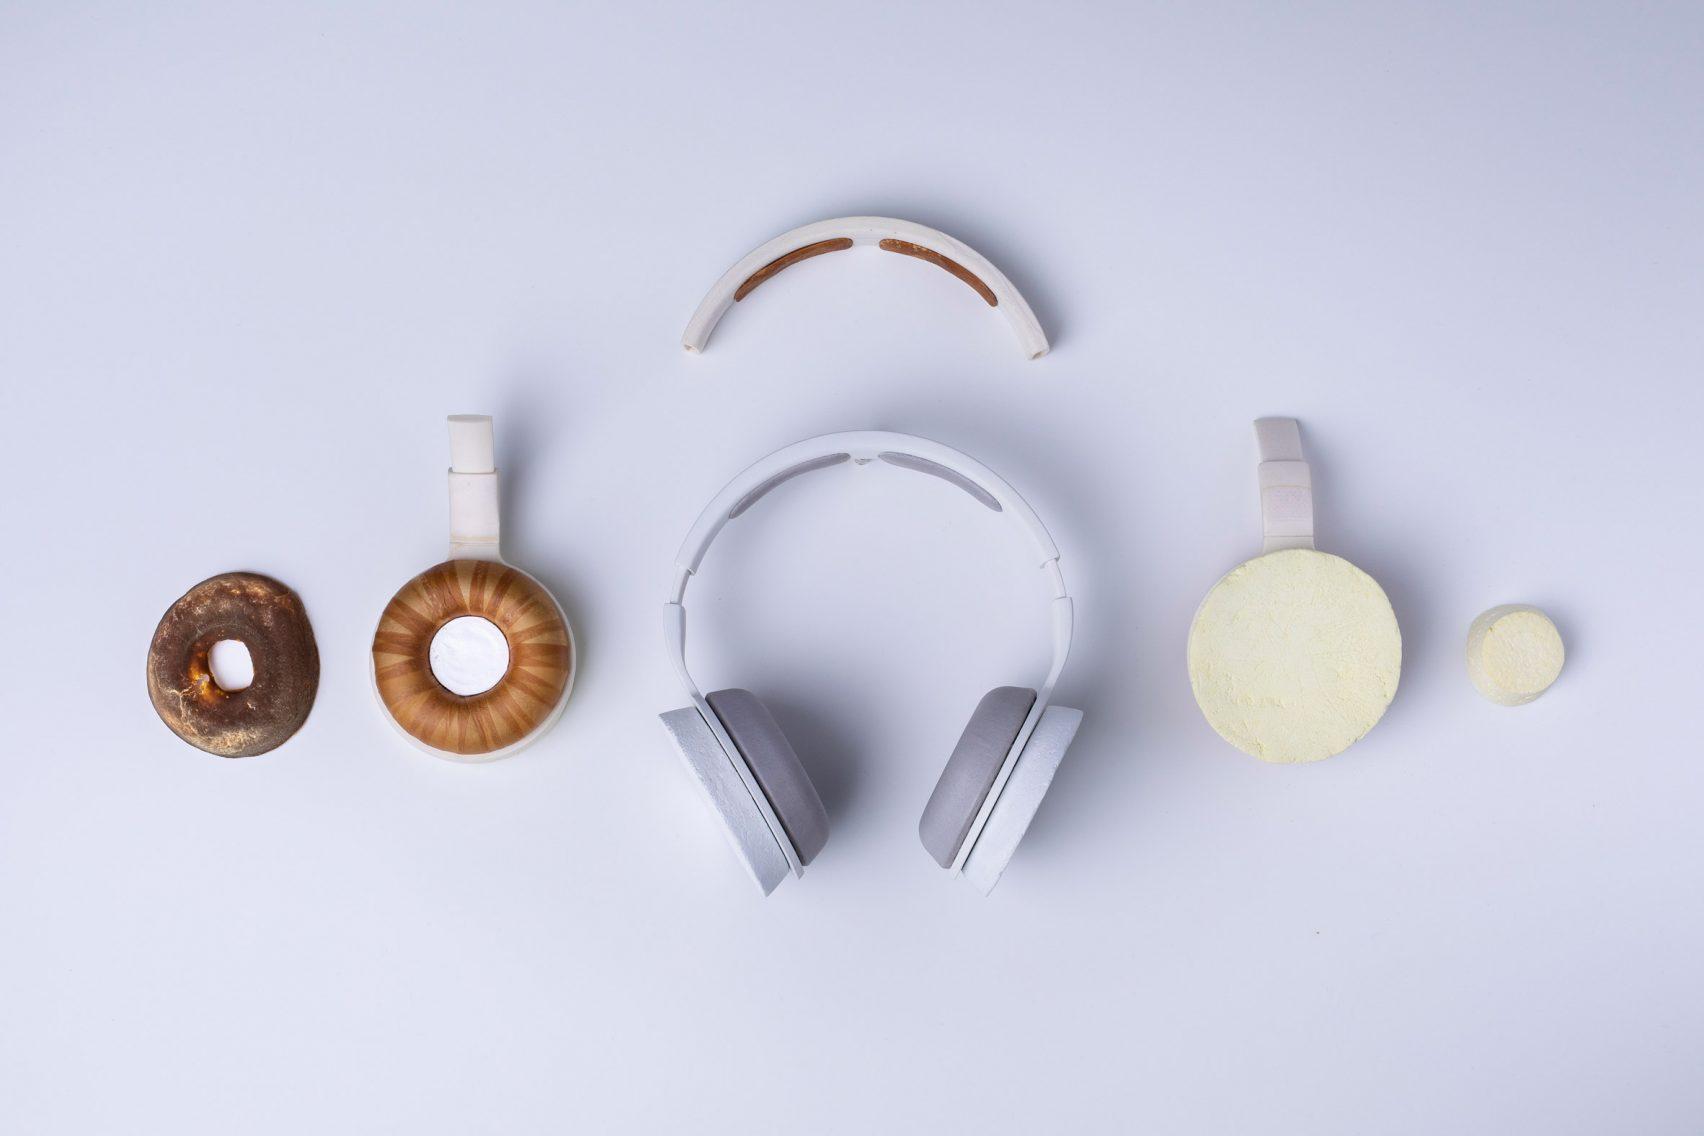 korvaa-headphones-aivan-grown-fungus-yeast-_dezeen_2364_col_2-1704x1136.jpg